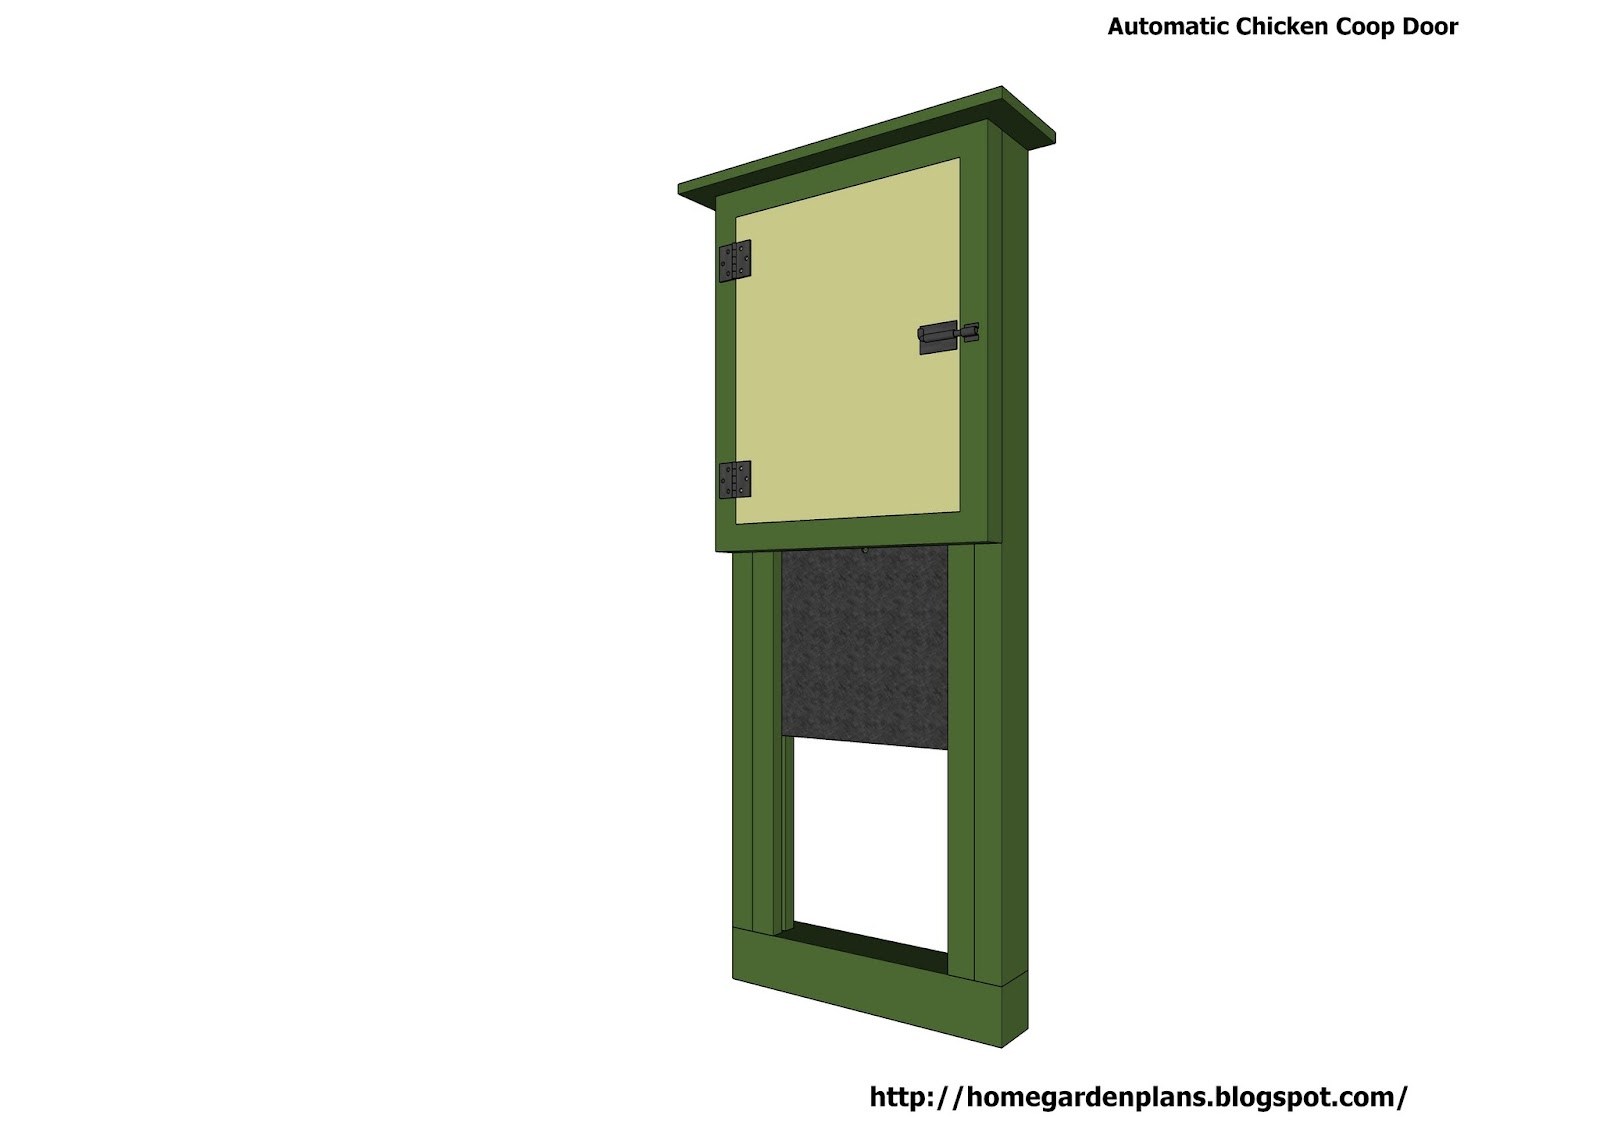 home garden plans: Automatic Chicken Coop Door - Chicken ...